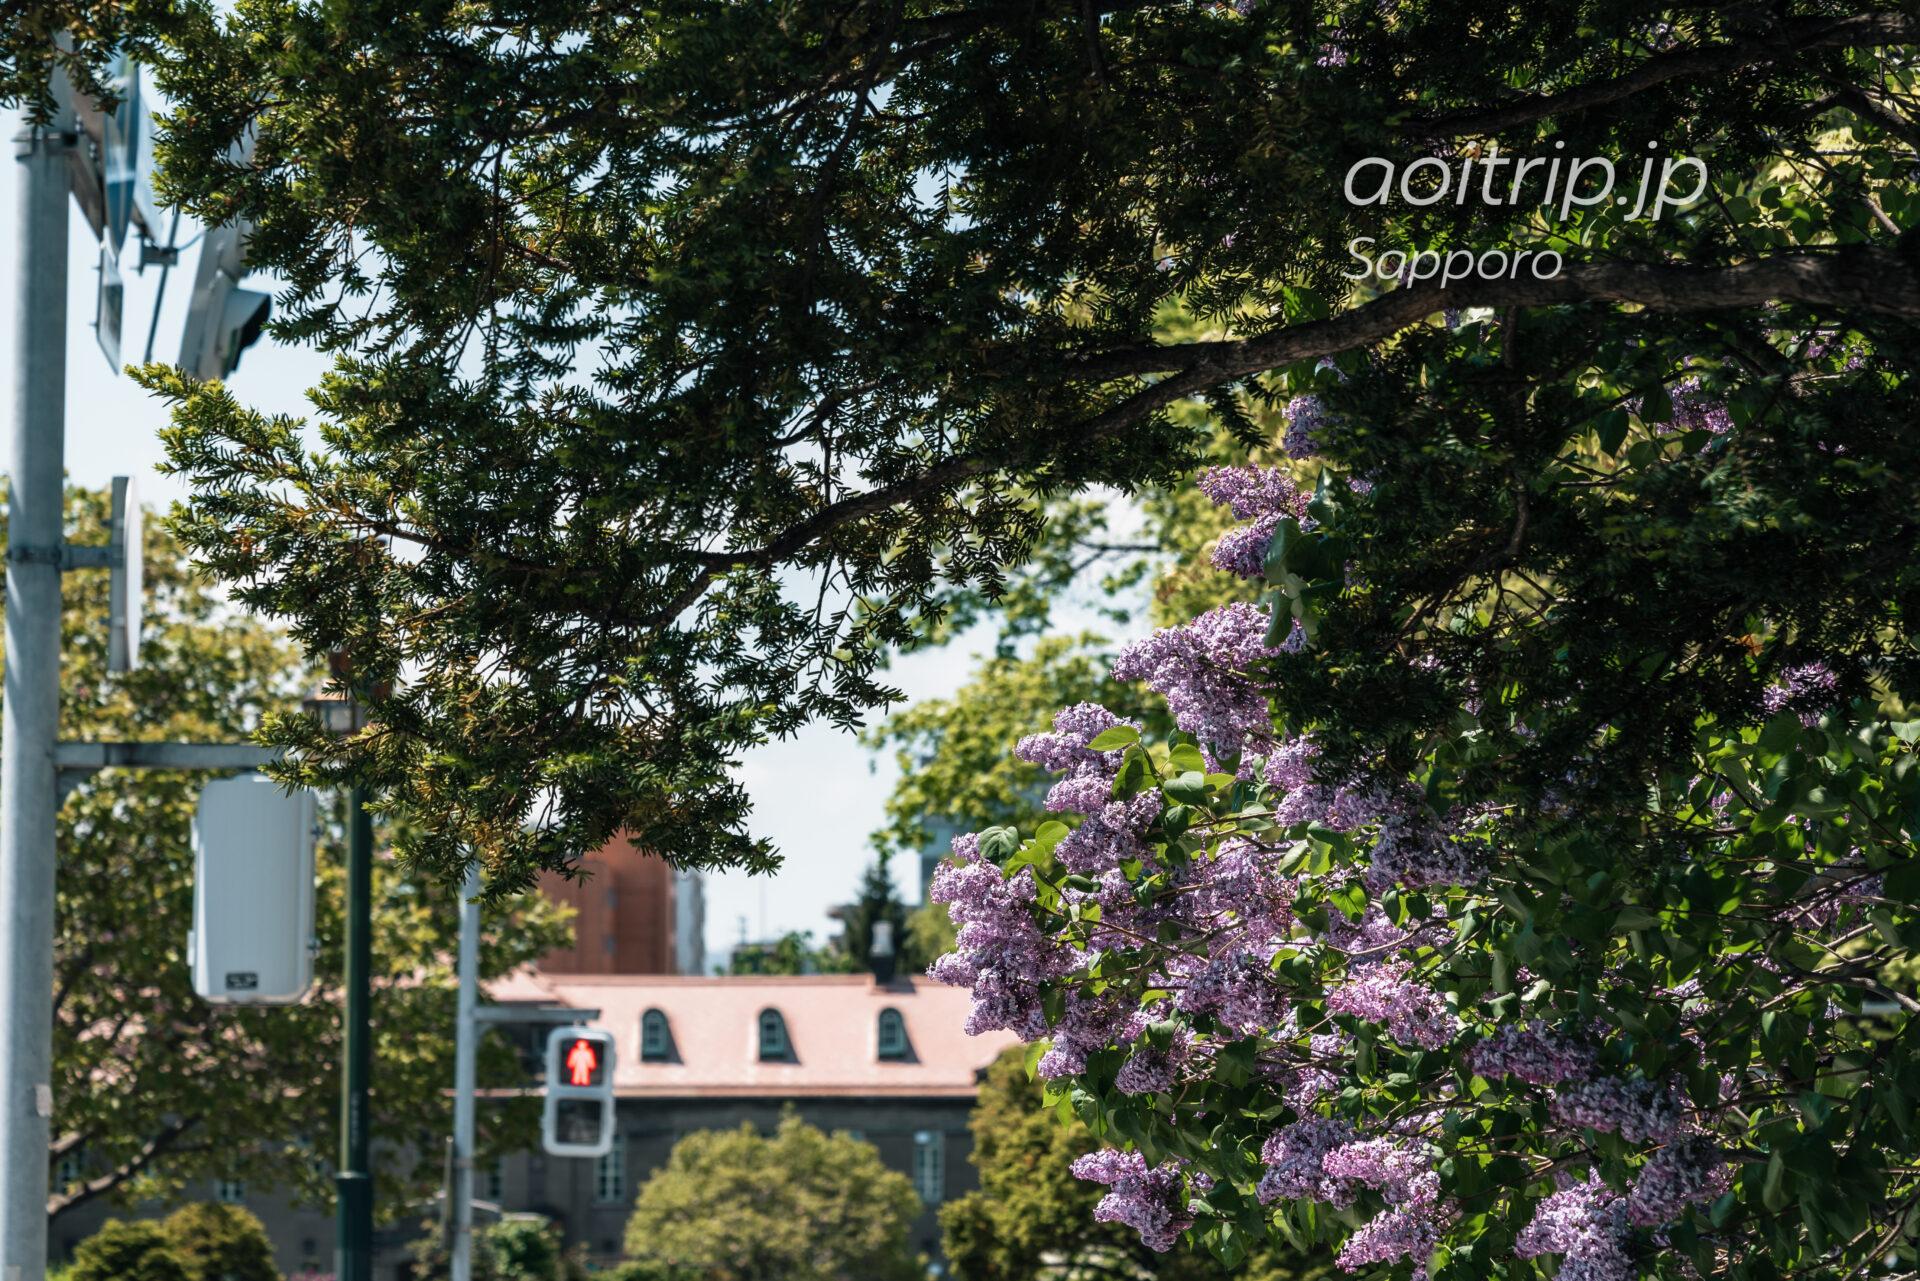 札幌市資料館とライラックの花